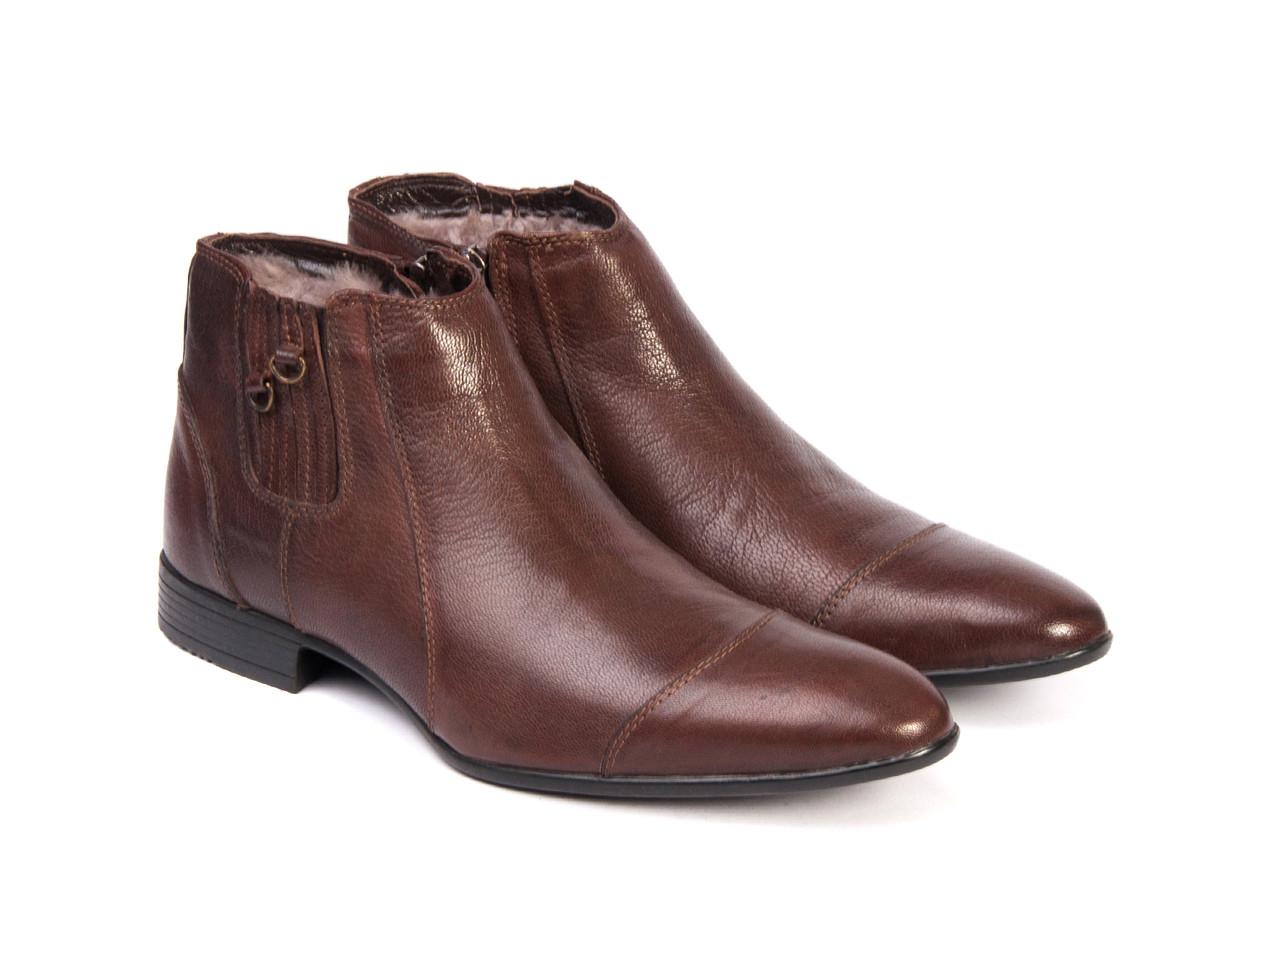 Ботинки Etor 6521-780 коричневые